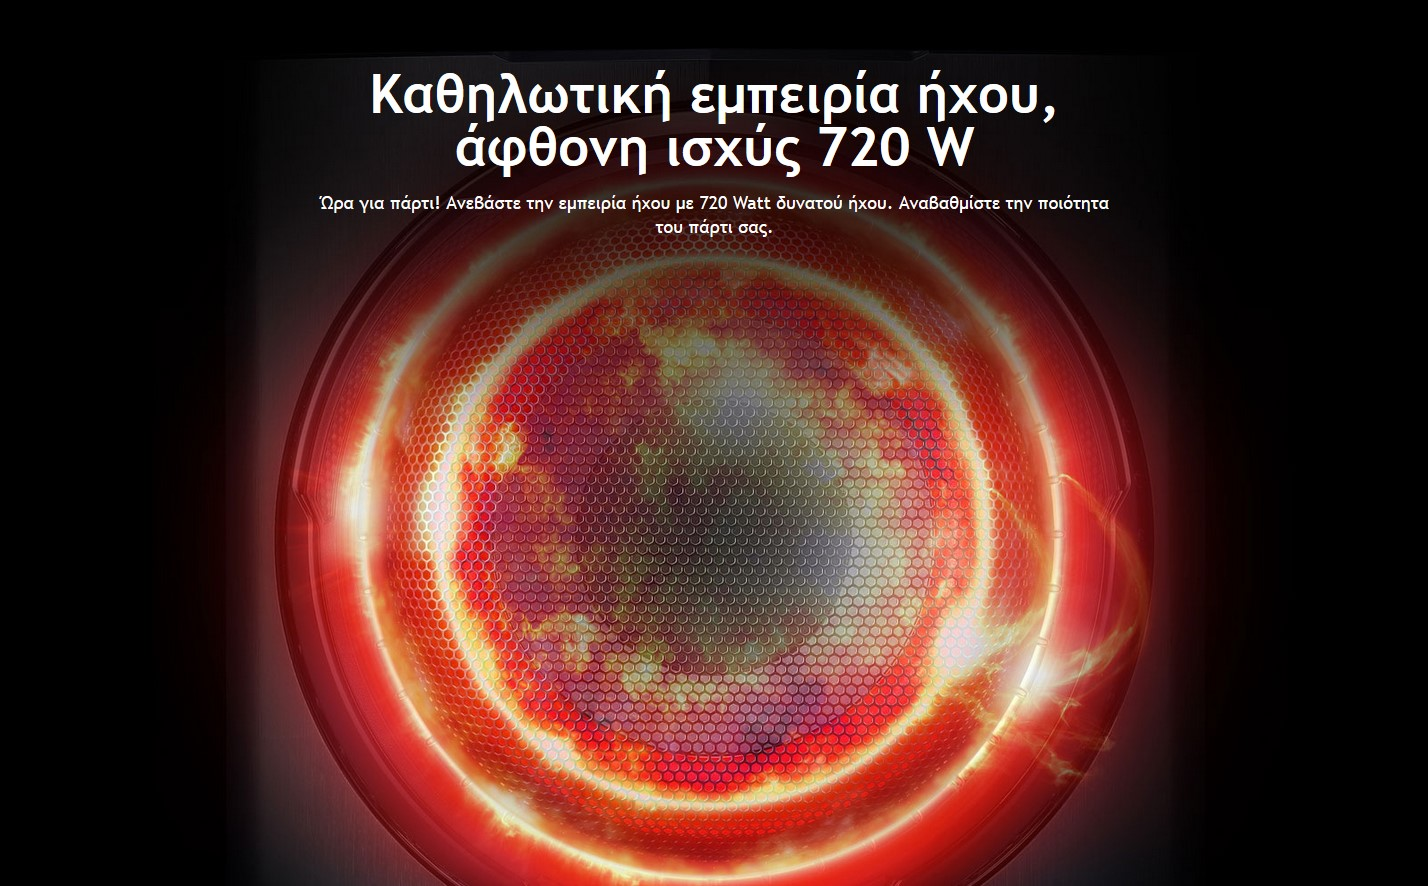 8806084857217_CJ45_001.jpg